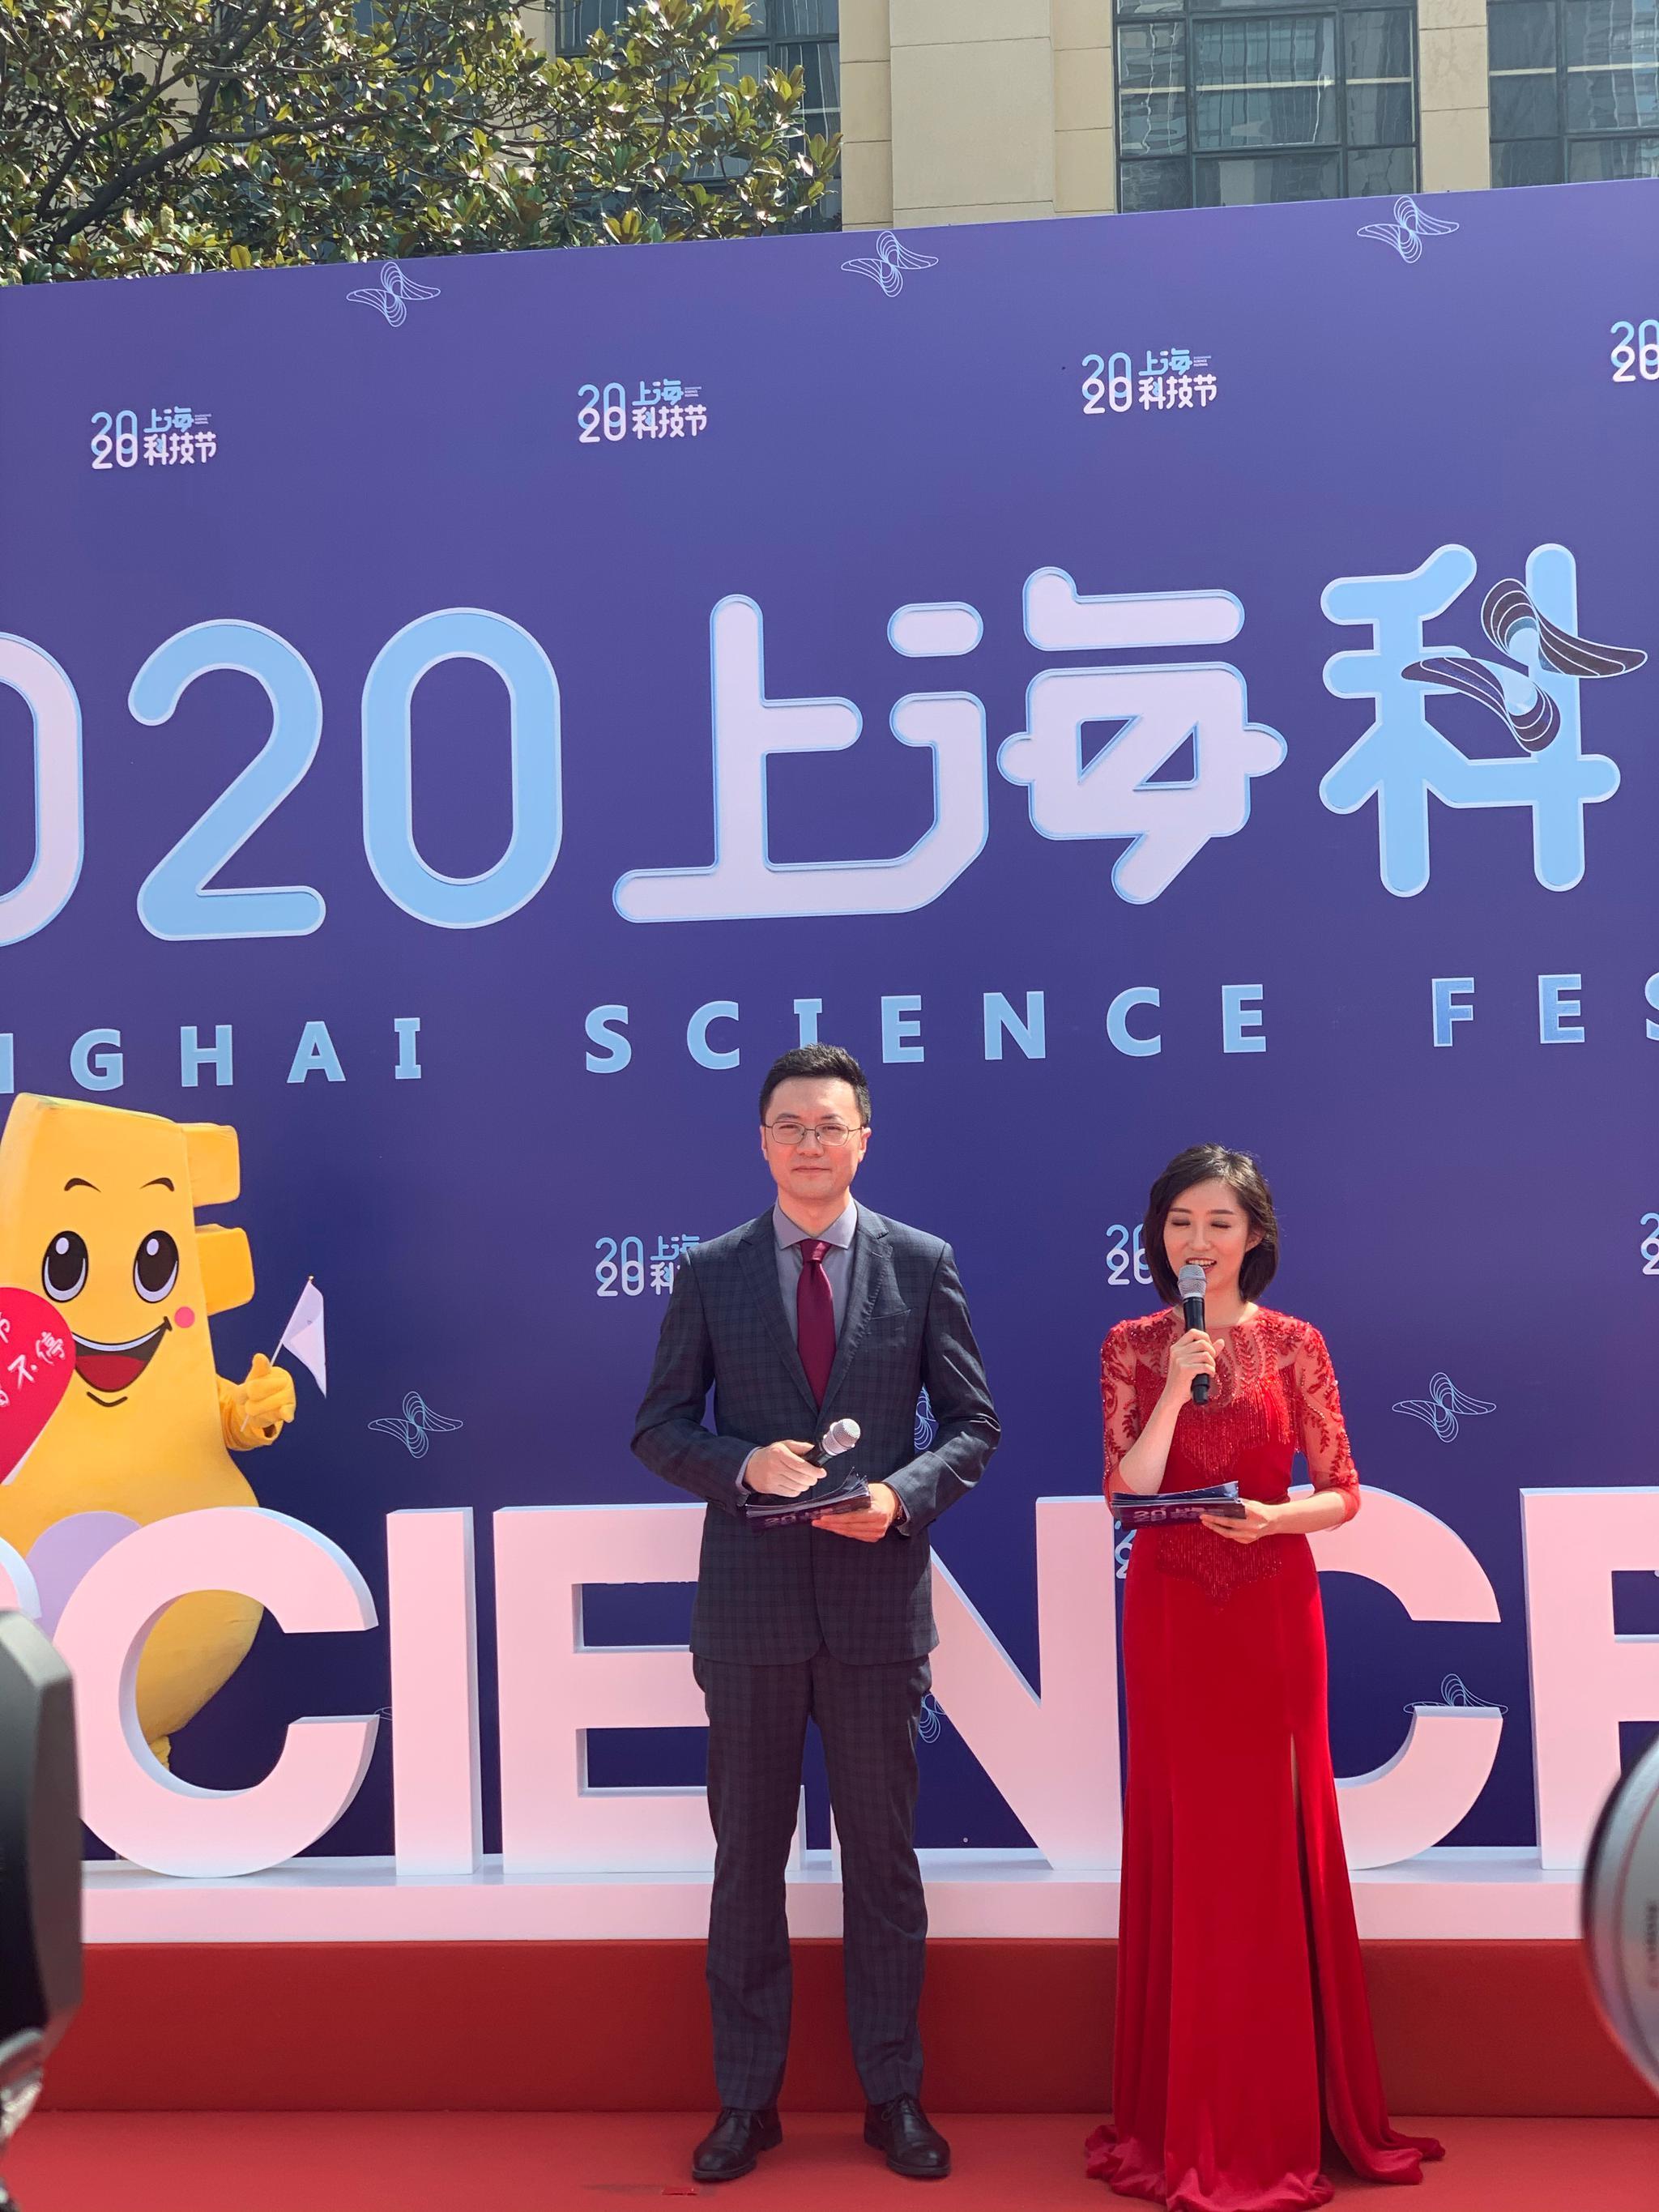 """张文宏出席上海科技节 预测""""一到两年结束战斗"""""""